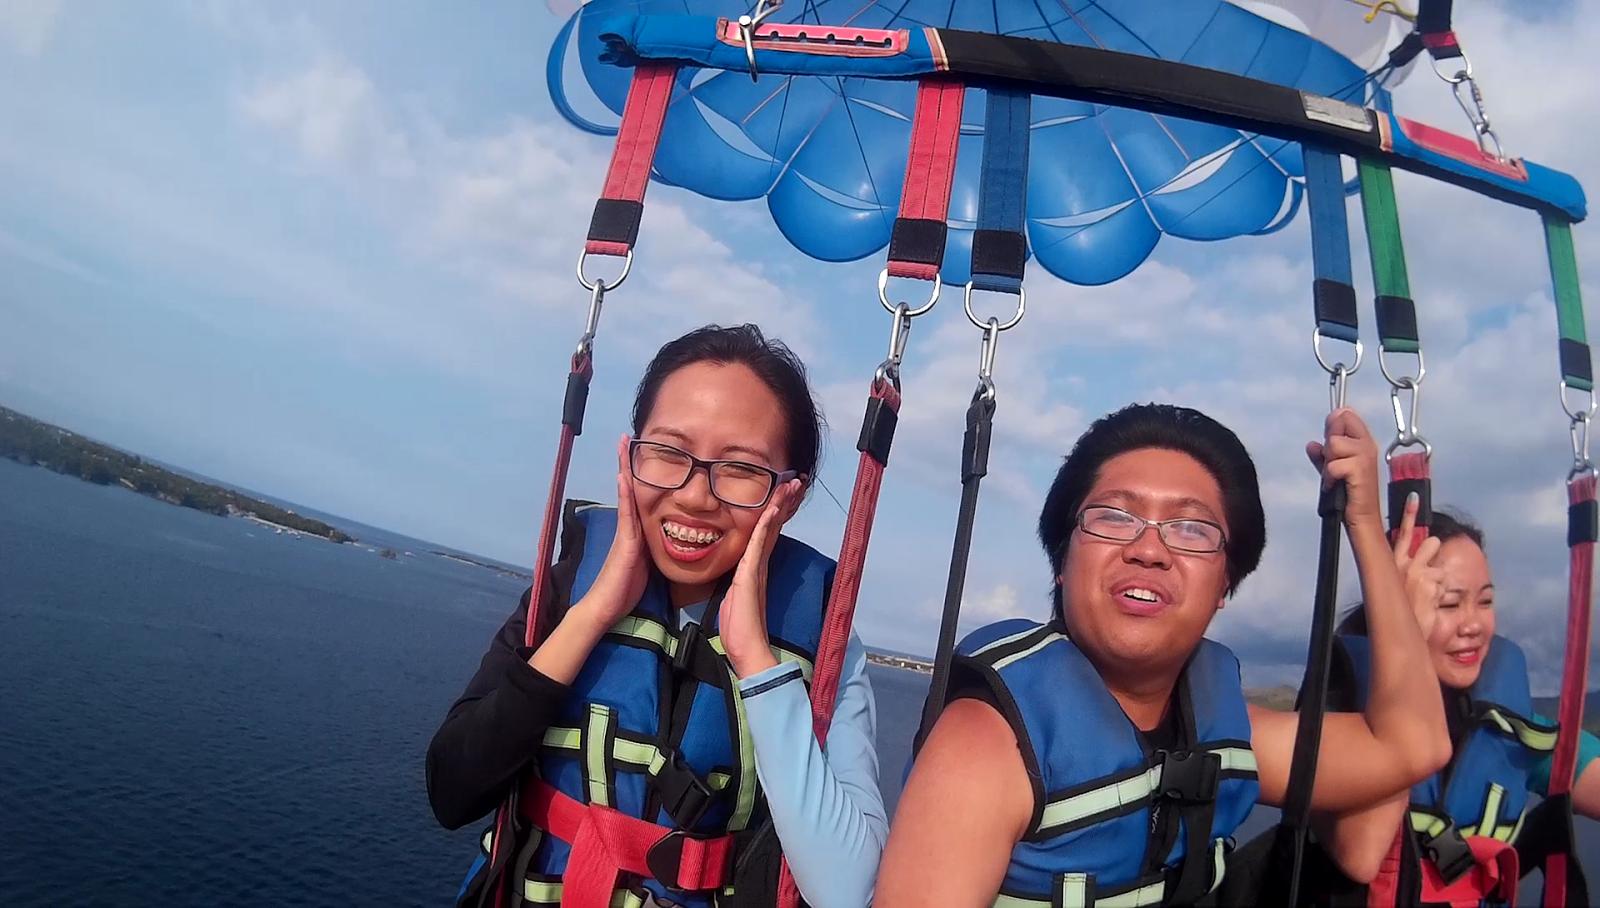 parasailing fun activity